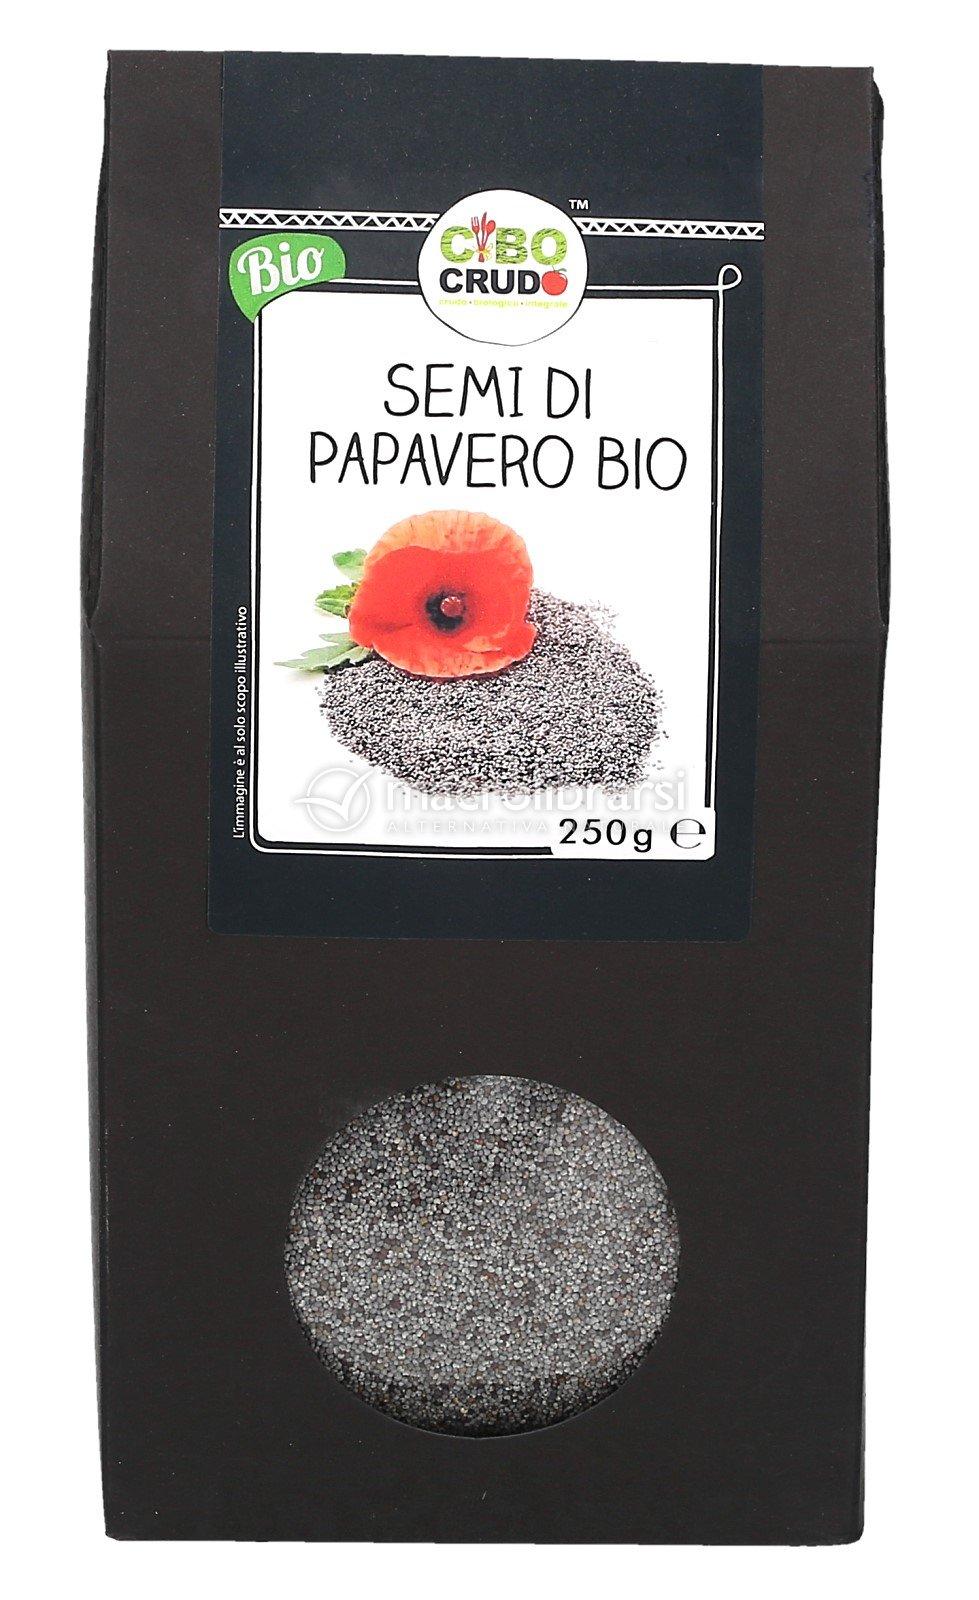 Semi di Papavero Bio - Cibo Crudo